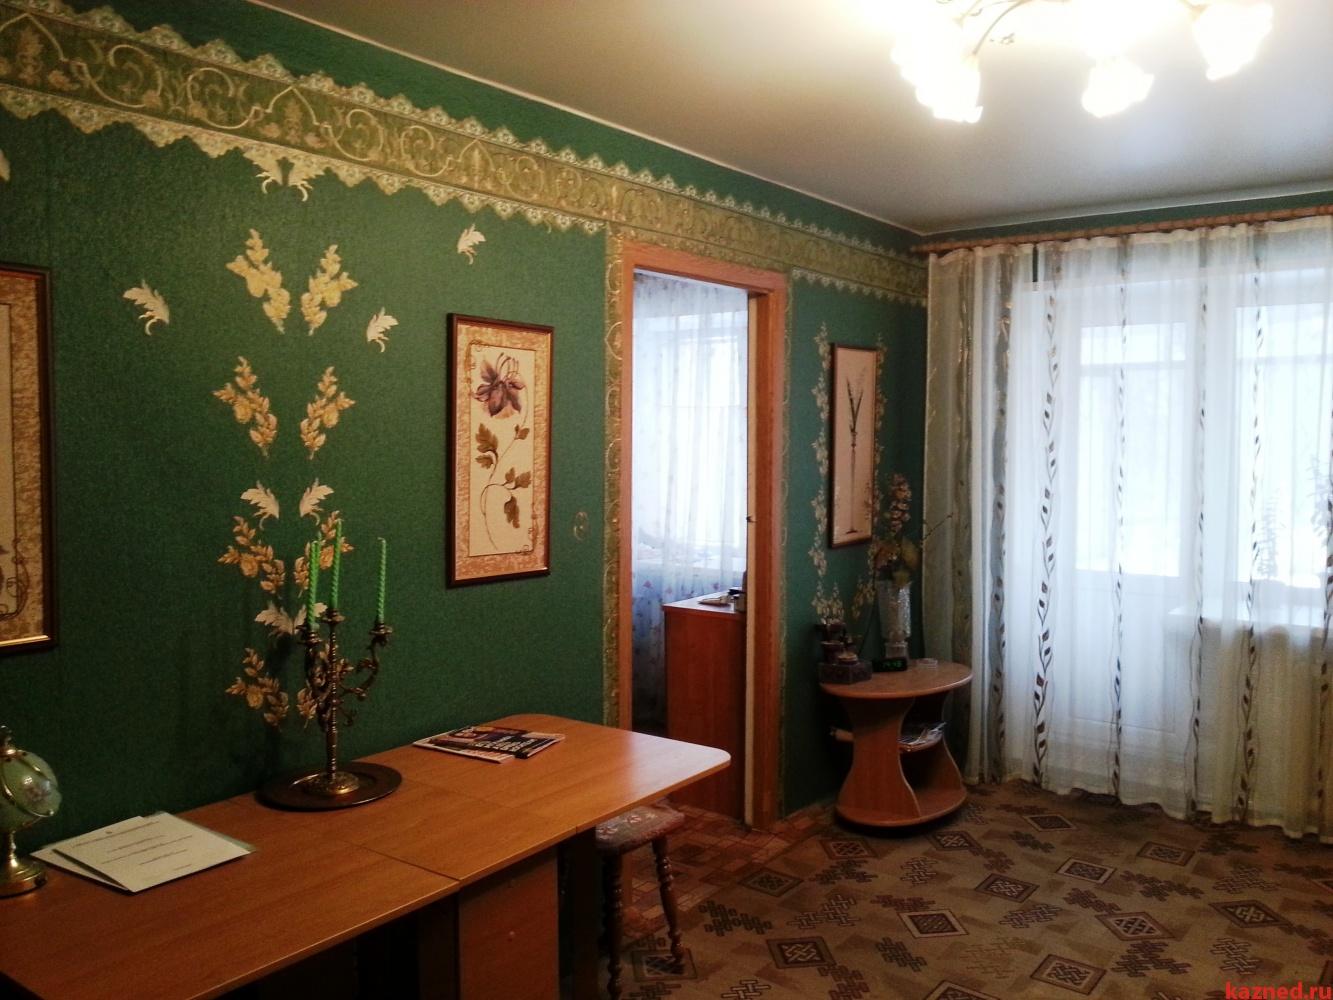 Продажа 3-к квартиры Новаторов, 1, 57 м²  (миниатюра №3)